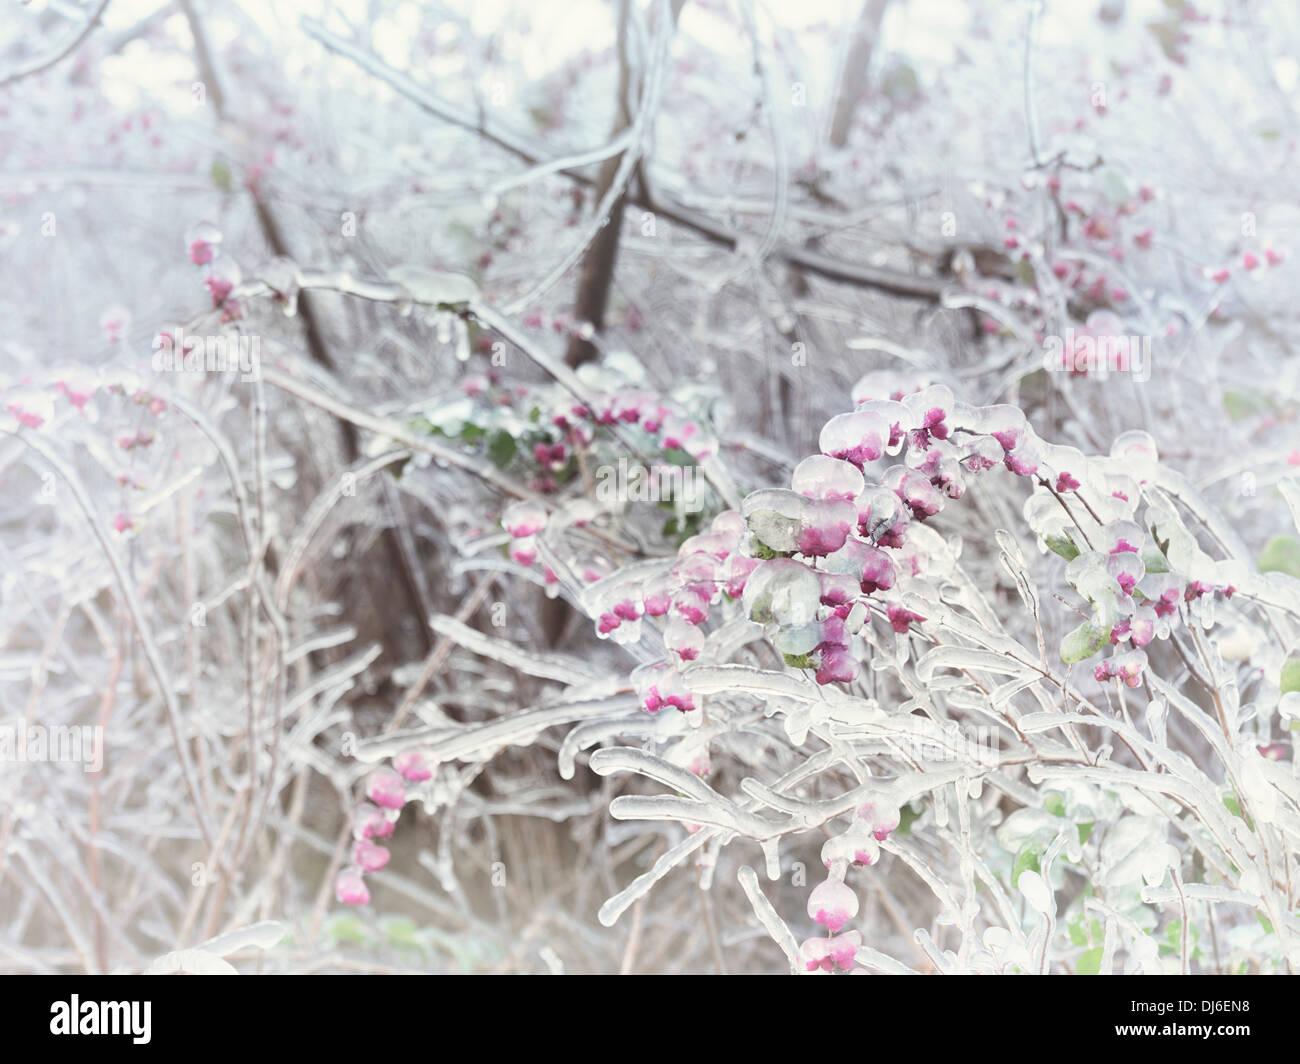 Bedeckt mit Eis Strauch Zweige und Beeren, abstrakte Nahaufnahme Natur Landschaft gefroren Stockfoto